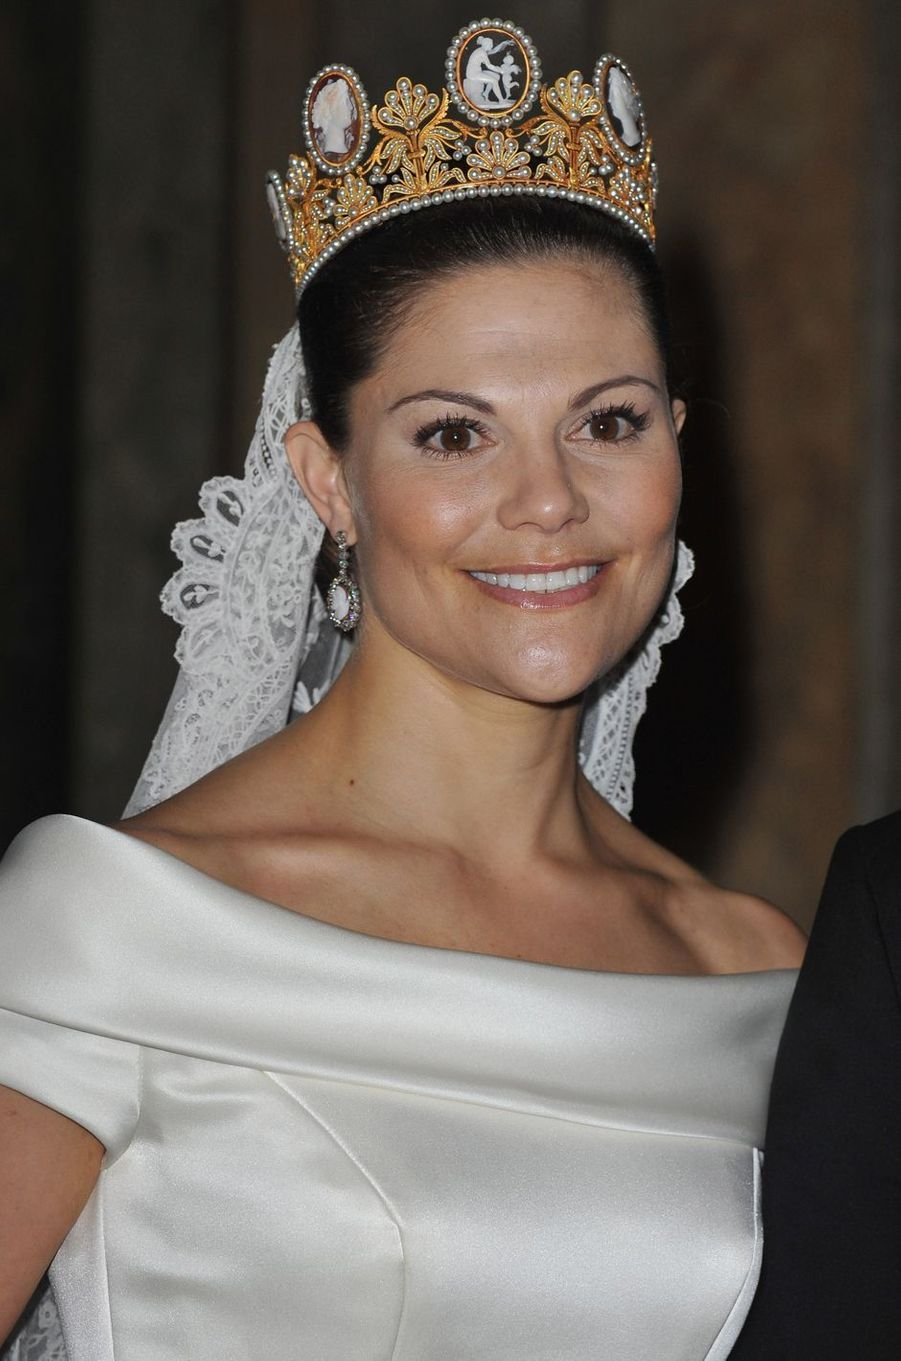 La princesse Victoria de Suède porte le diadème de Joséphine de Beauharnais pour son mariage, le 19 juin 2010